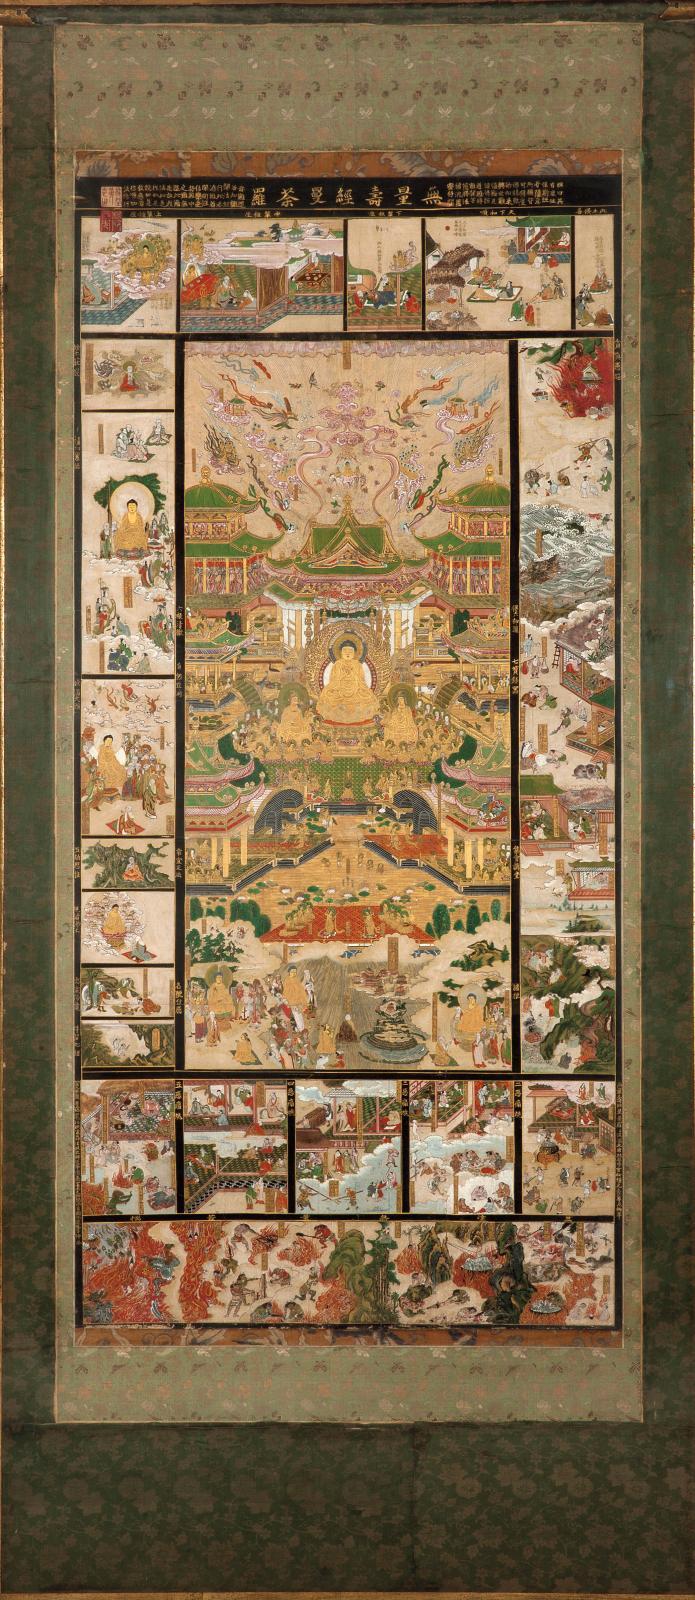 Japon, période d'Edo, XVIIIesiècle. Peinture en couleurs et rehauts or sur papier représentant le Kammuryôju-Kyô hensô ou Taima Mandala, 141x66cm